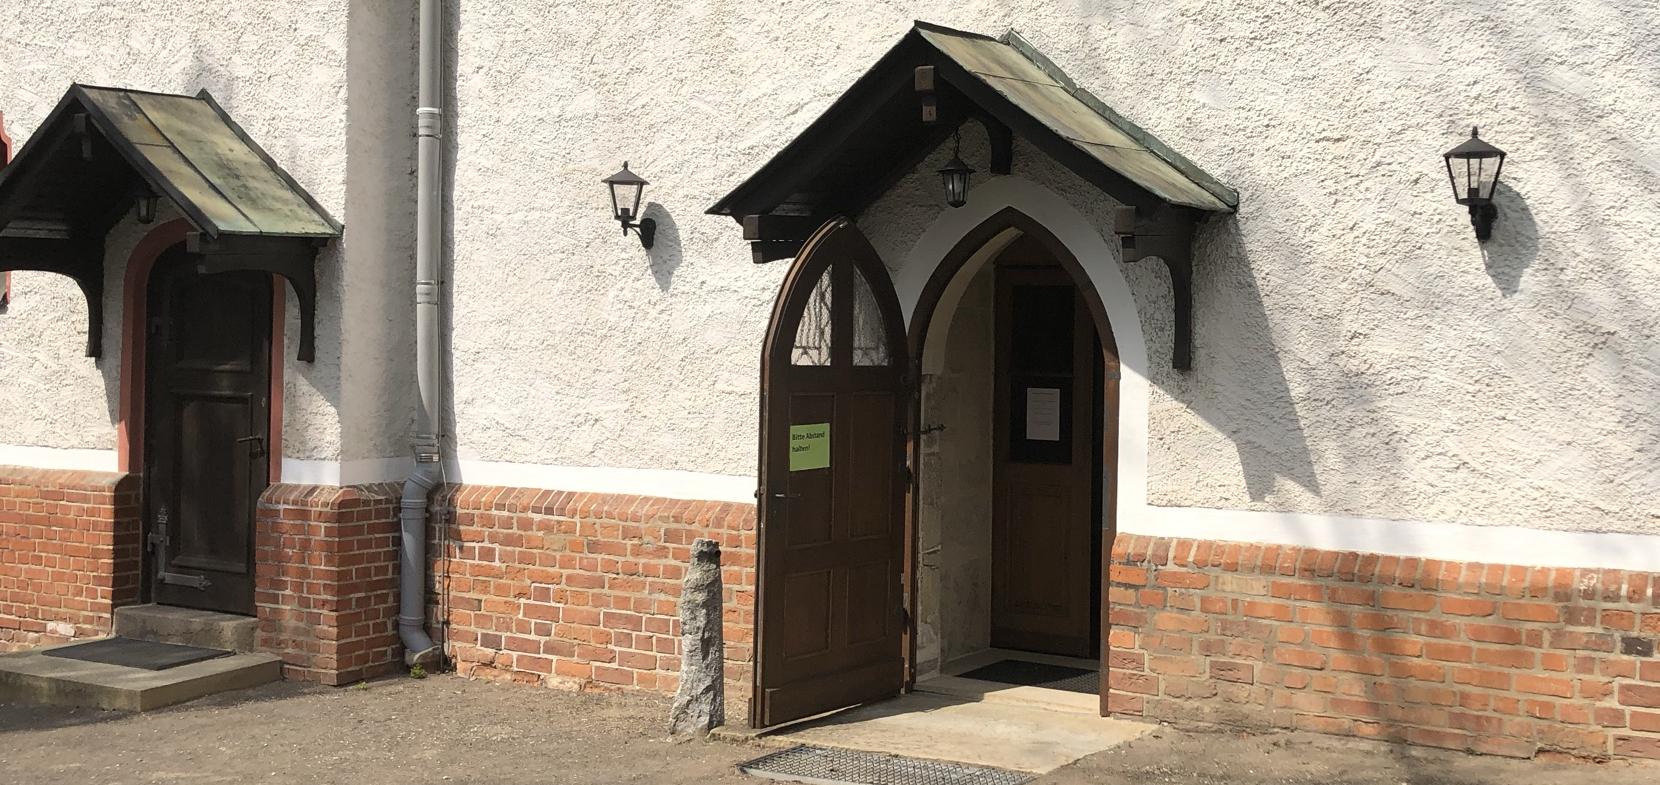 (Verborgene) Schätze heben: Was lässt sich von den Kirchen in der DDR für Kirche und Glaube heute lernen?